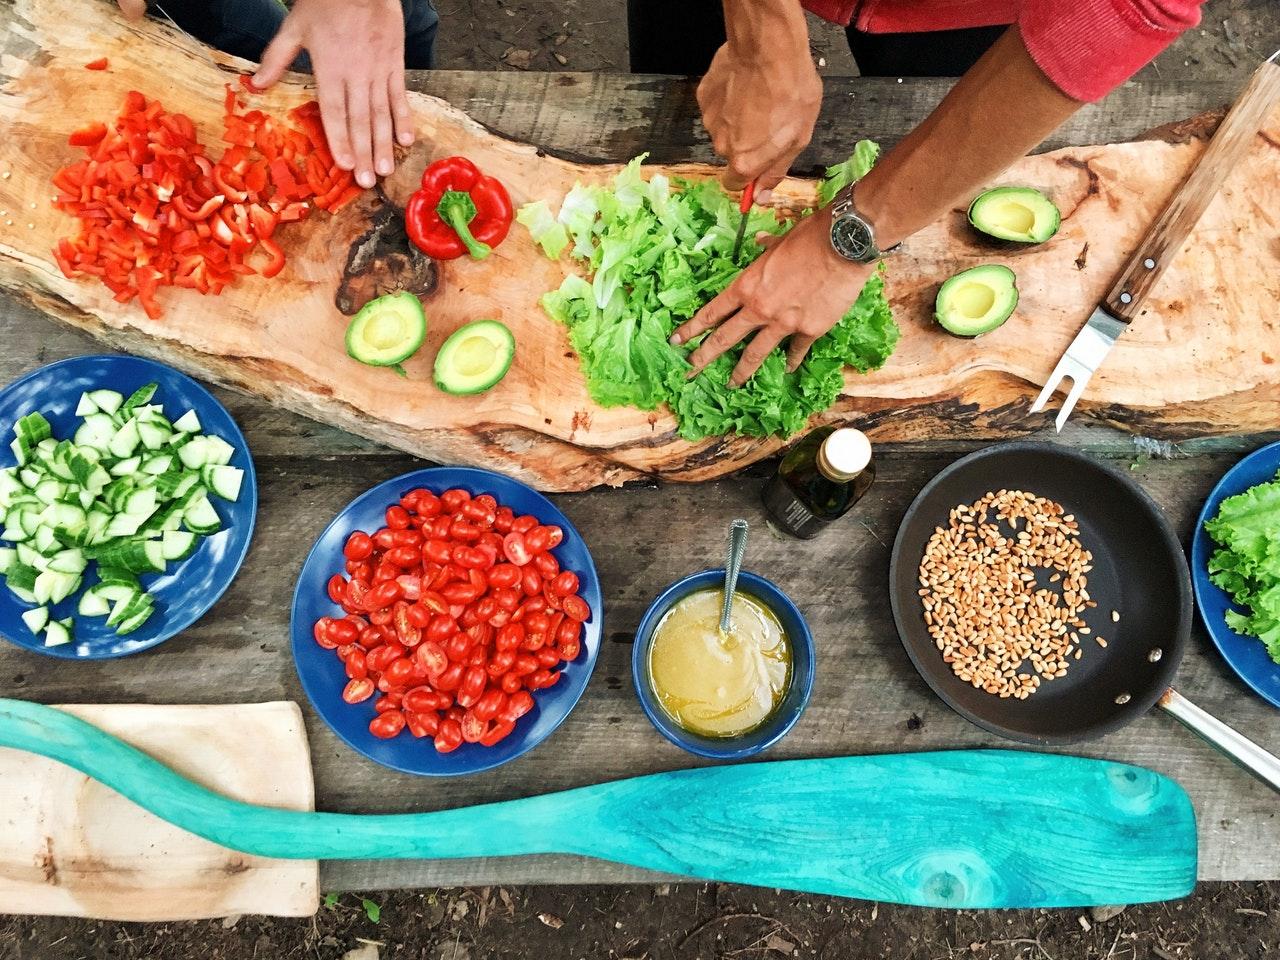 Jakie są nowe zalecenia zdrowego żywienia? V Narodowy Kongres Żywieniowy